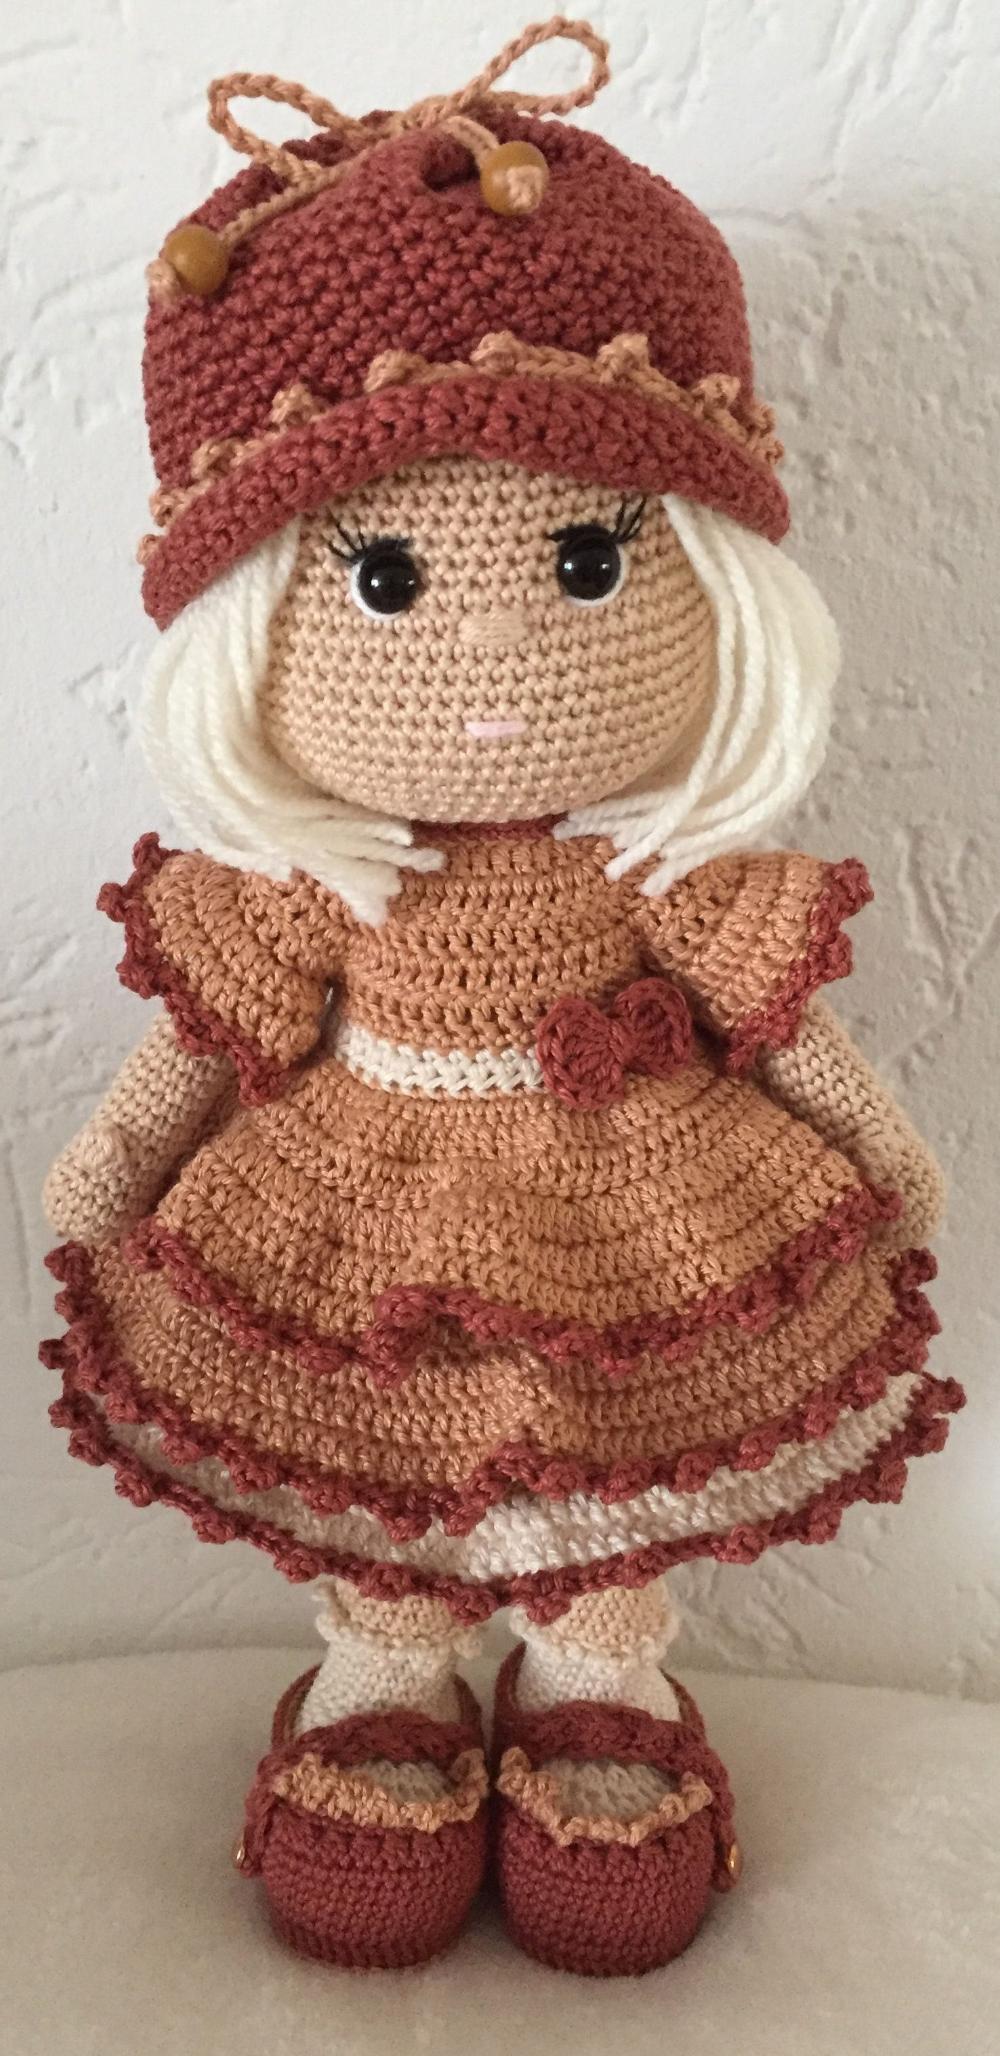 Minion Crochet Pattern Pinterest Top Pins Cutest Ideas | Crochet ... | 2056x1000